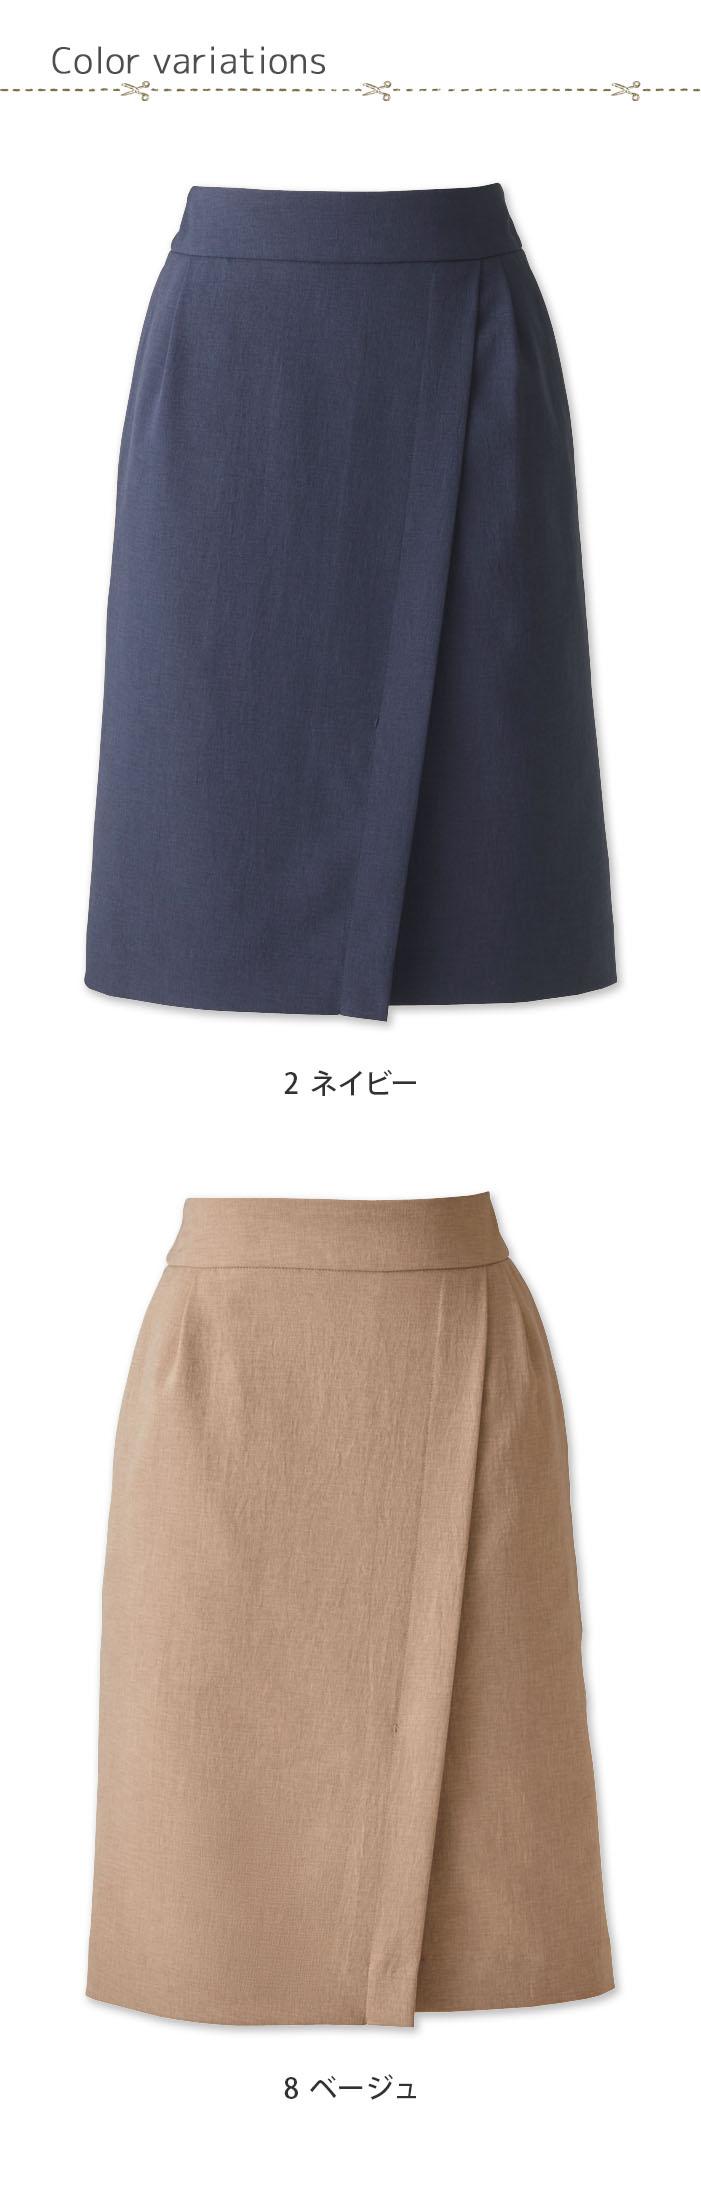 ナチュラルでリラックス感のある セミタイトスカート【2色】女性用